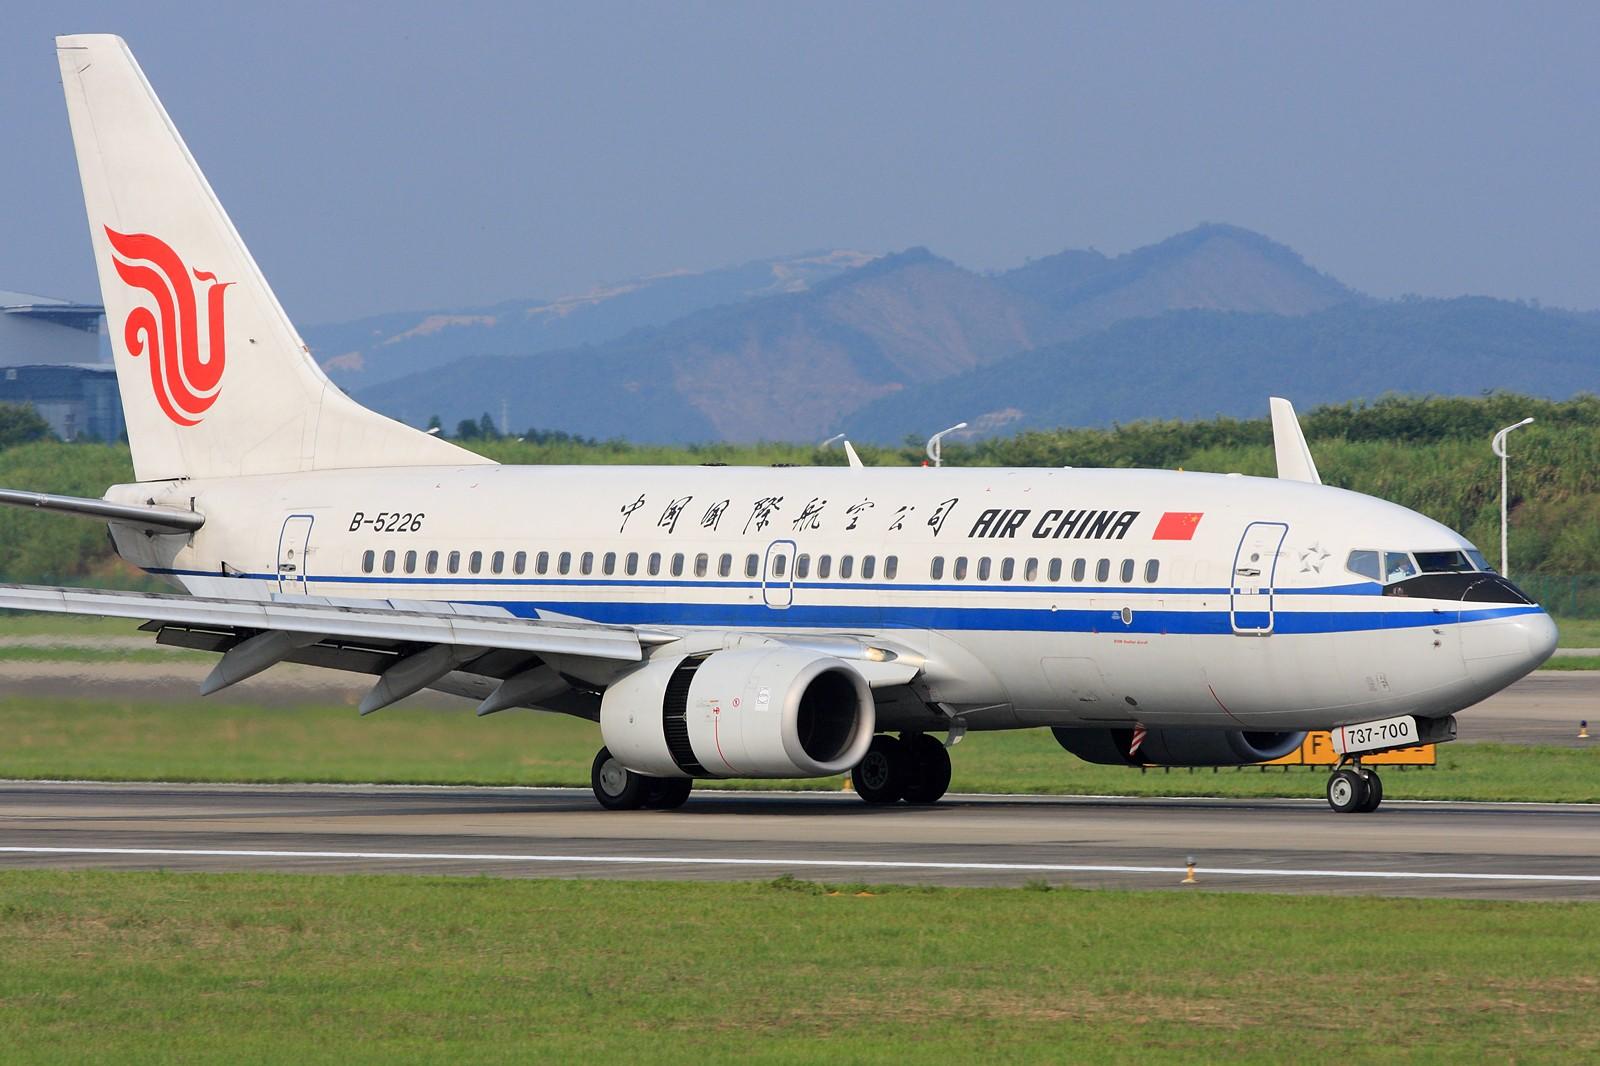 Re:[原创]【深圳飞友会】拍飞机的苦与乐,劳动成果与大家分享!10张图全部1600×1067奉献。QR773 CA大猩猩 钢管 小姨 最后2张起飞角度还是不错的! BOEING 737-700 B-5226 中国广州白云机场